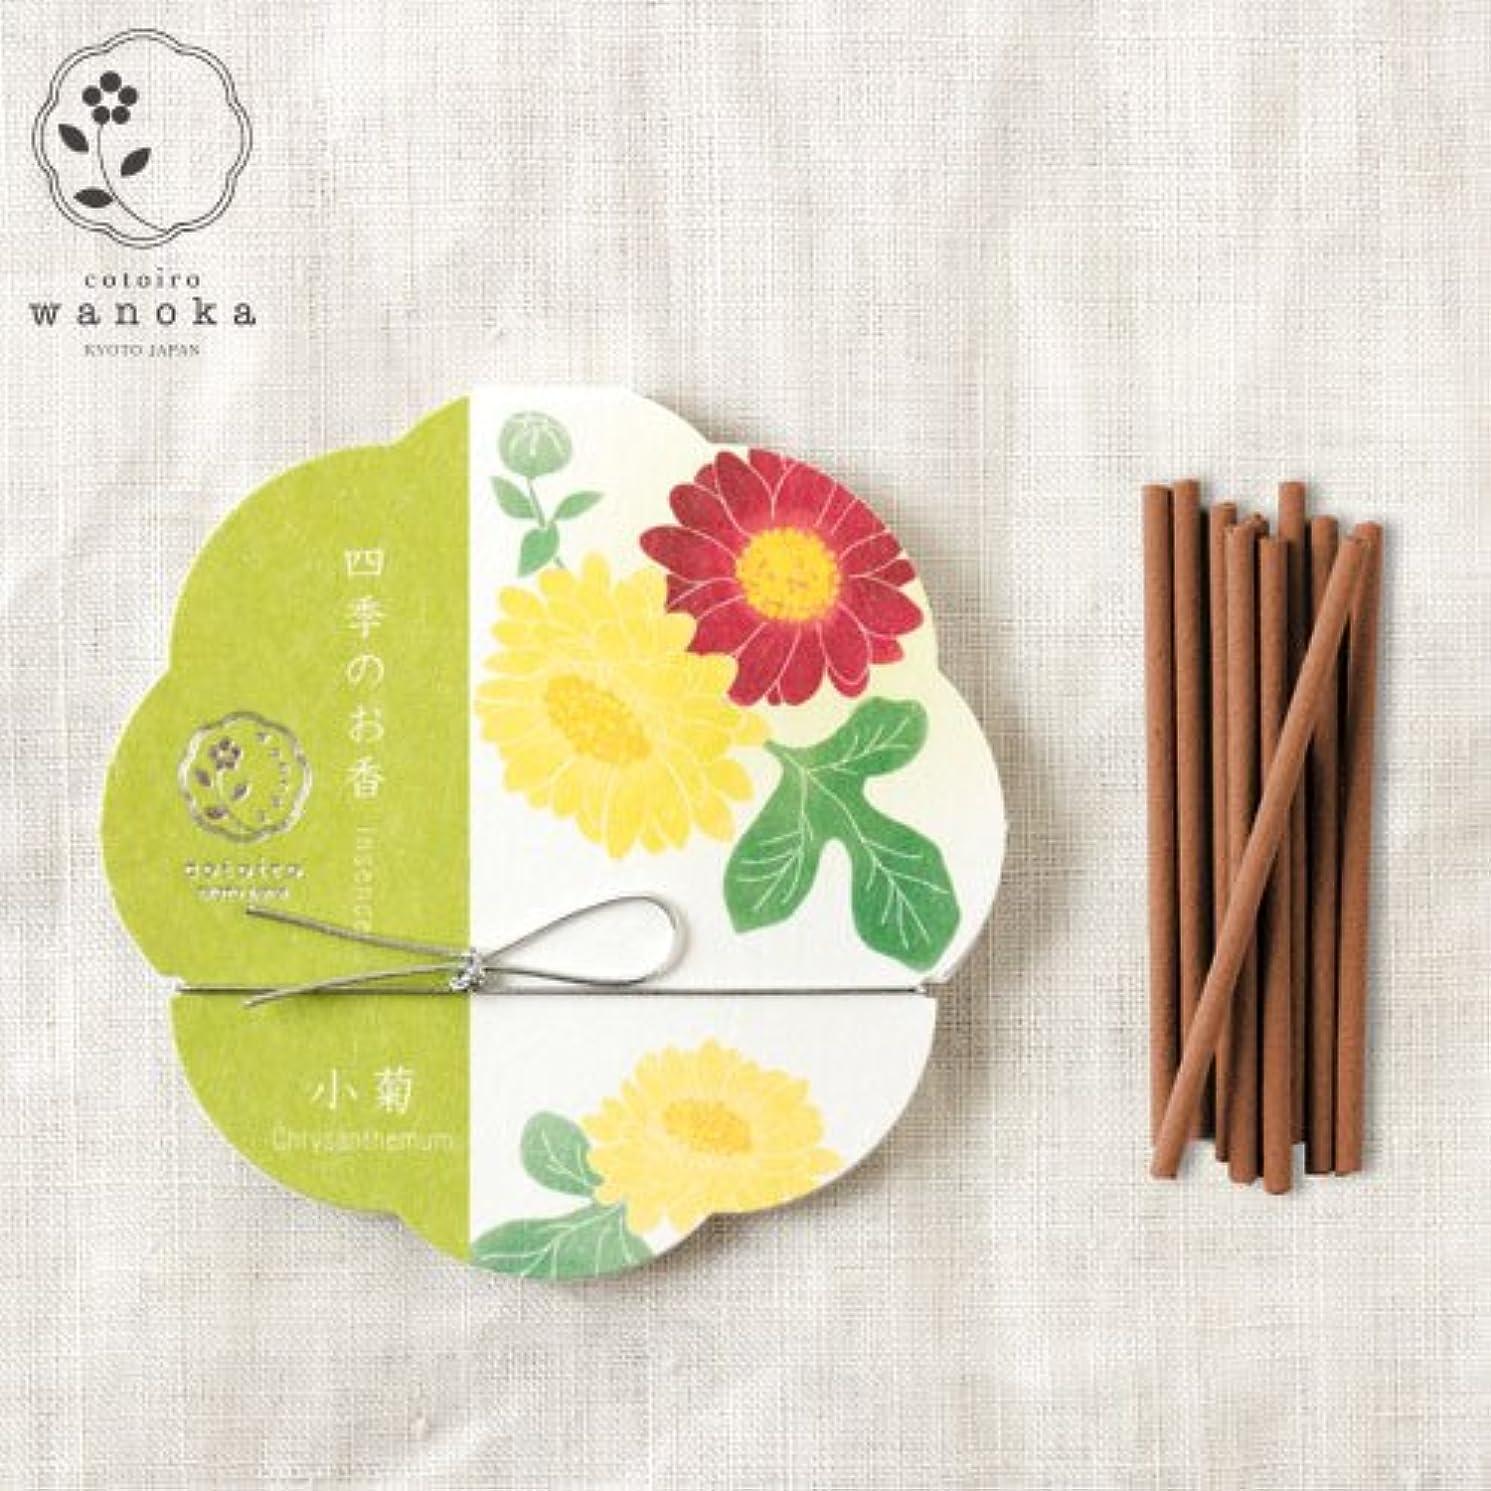 こねるロッド建物wanoka四季のお香(インセンス)小菊《小菊をイメージした優しい香り》ART LABIncense stick